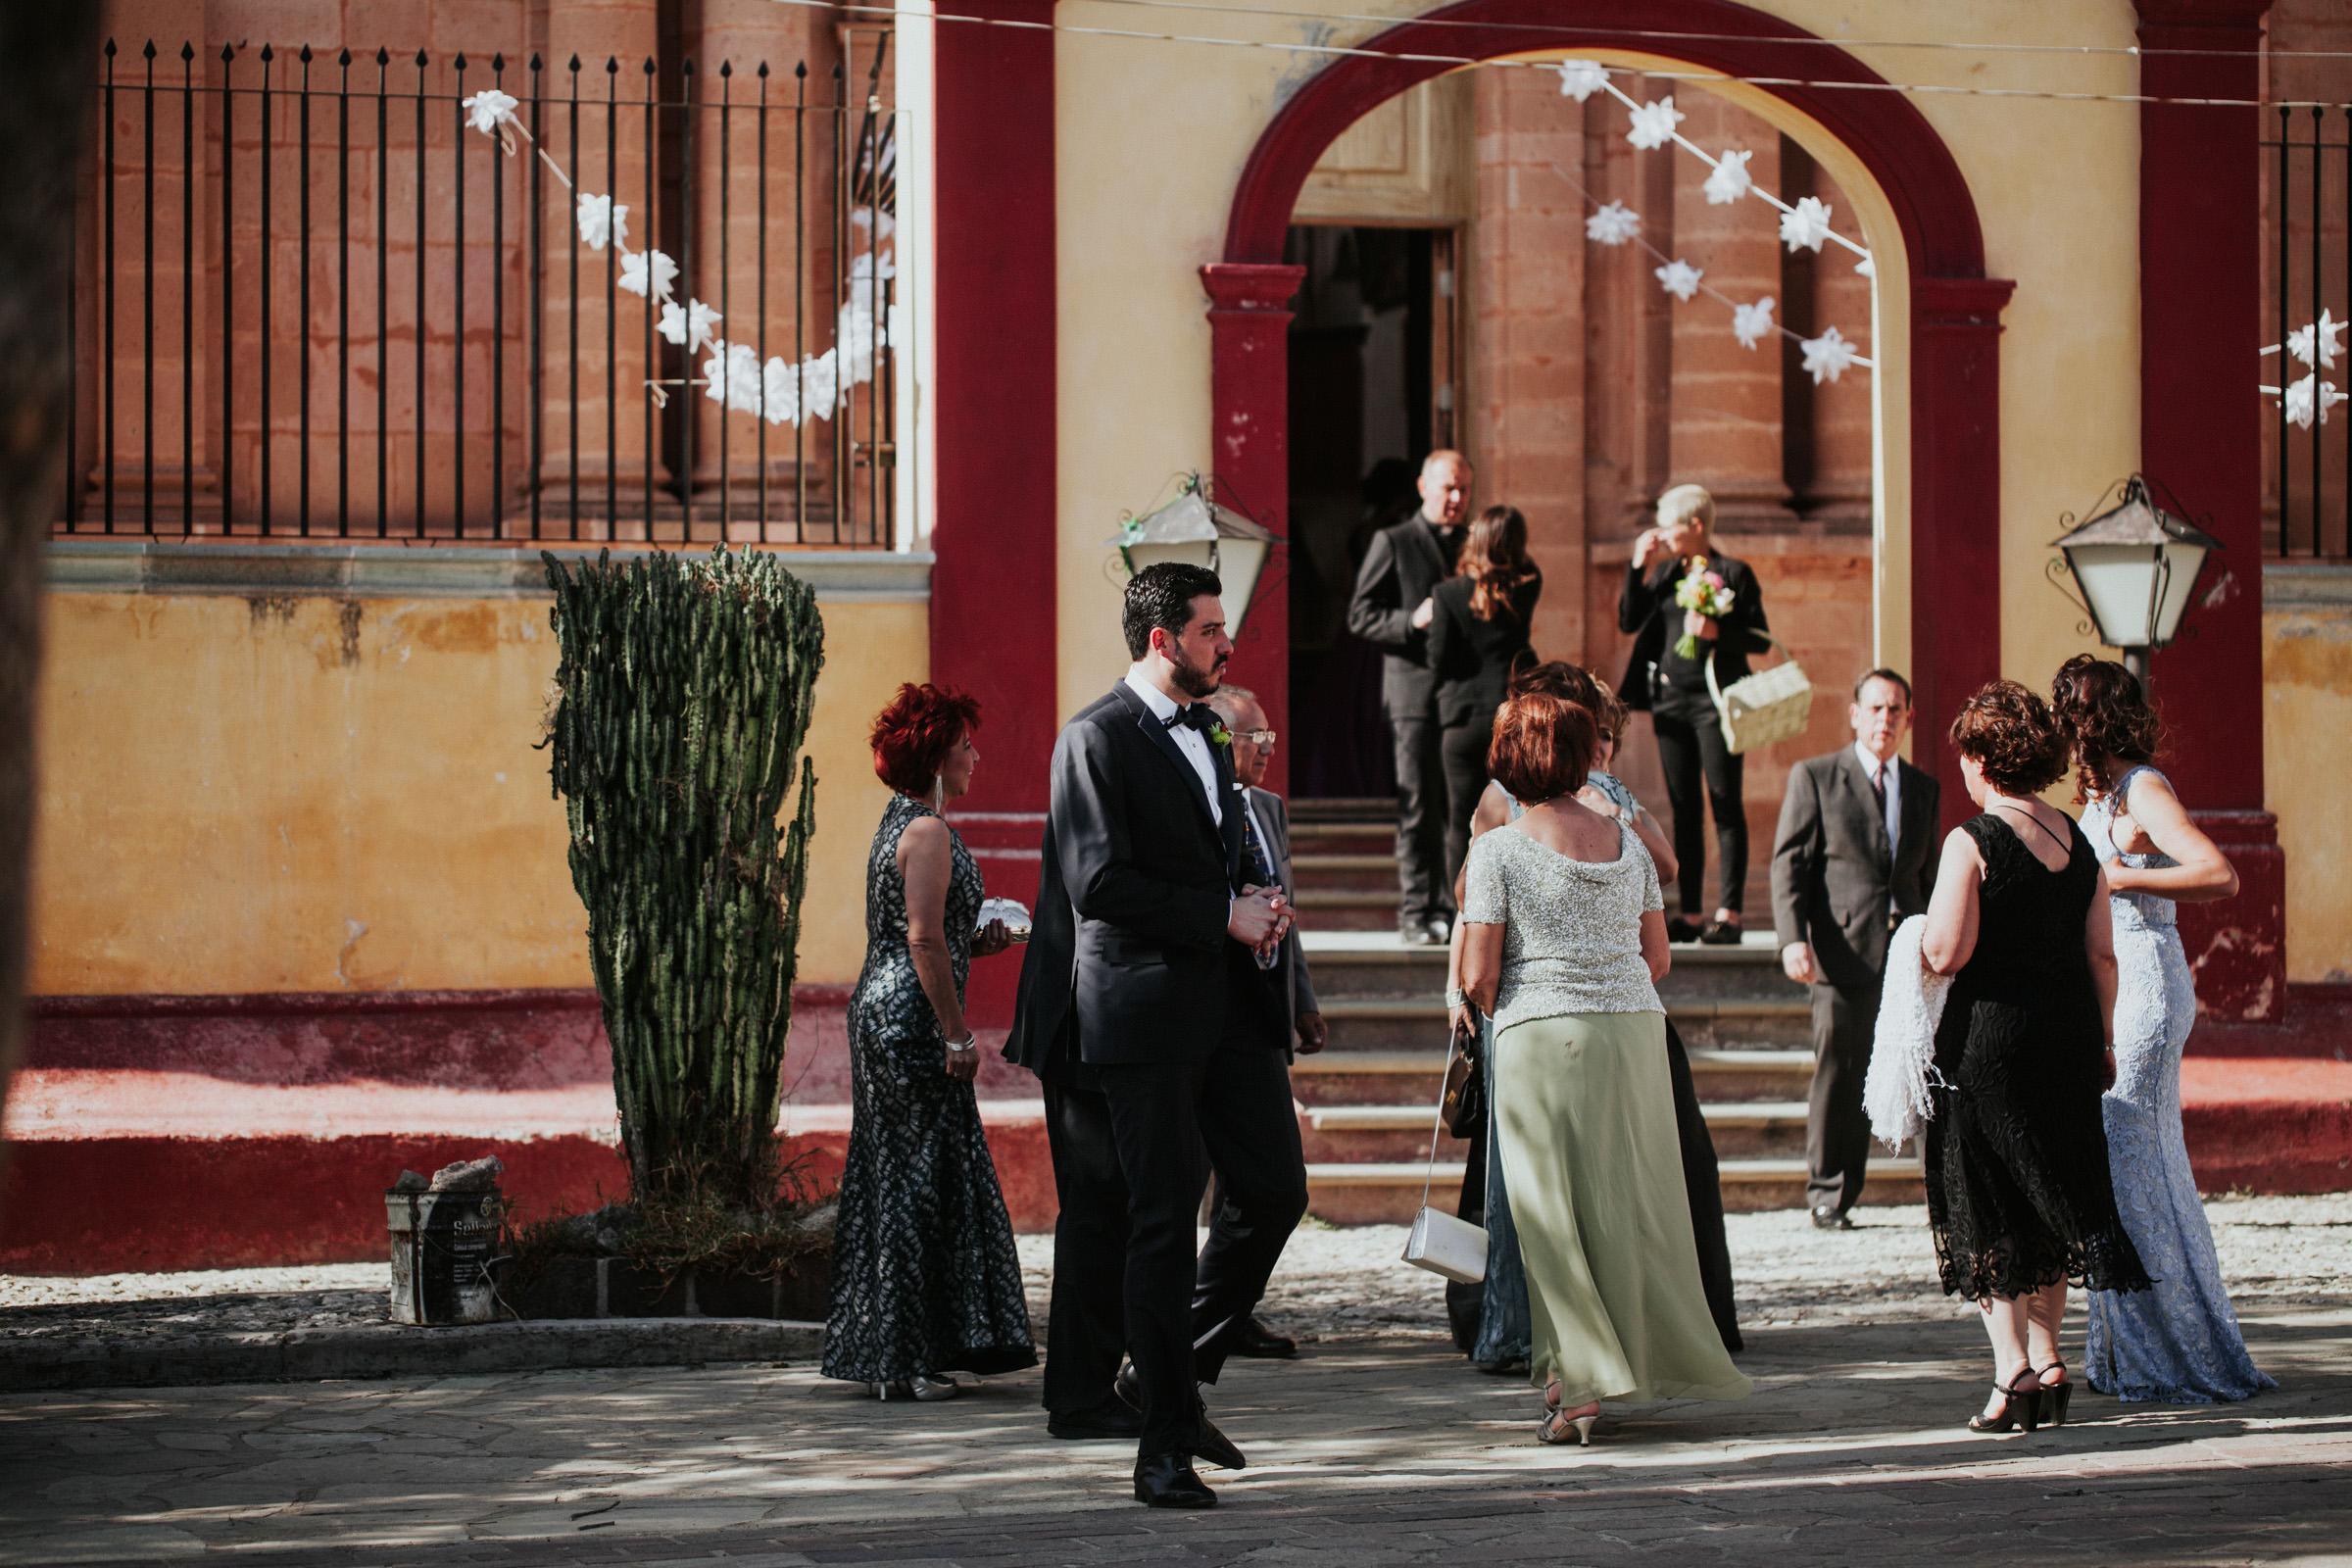 Boda-Guanajuato-Camino-de-Vinos-San-Miguel-Allende-Wedding-Fotografia-Paulina-Mauricio-Pierce0154.JPG